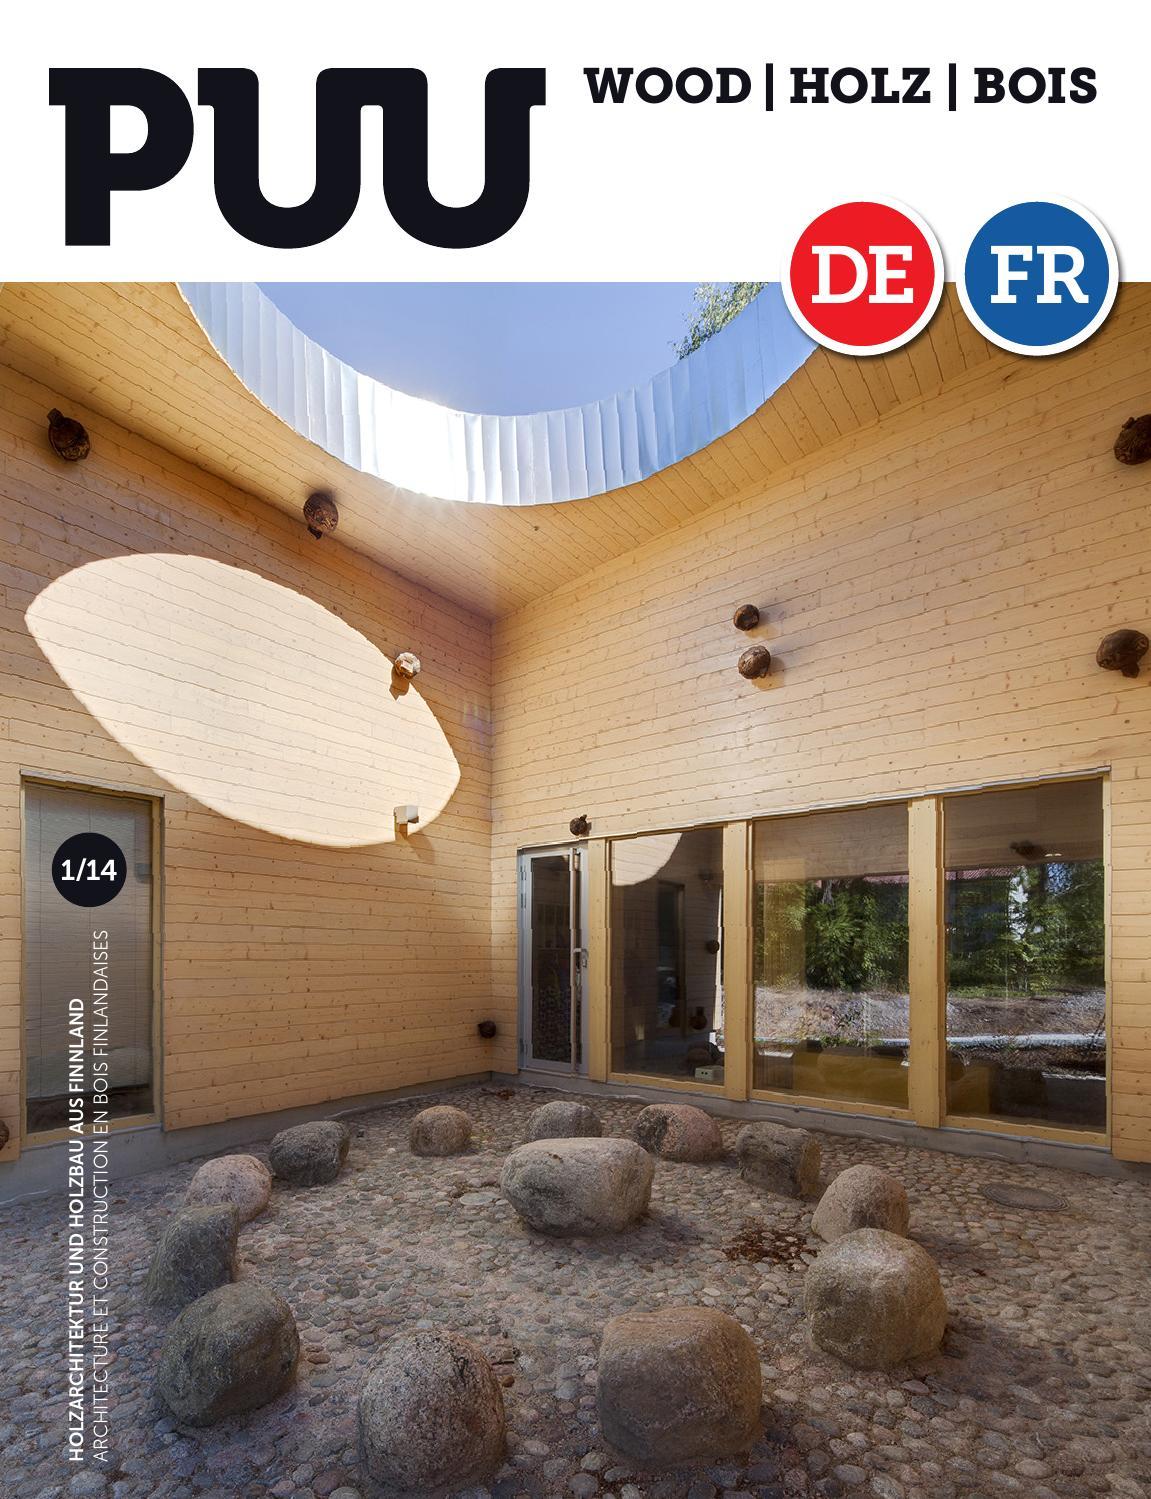 HolzBois-magazine 1/2014 by Puu-lehti / Wood Magazine / Holz Magazin ...